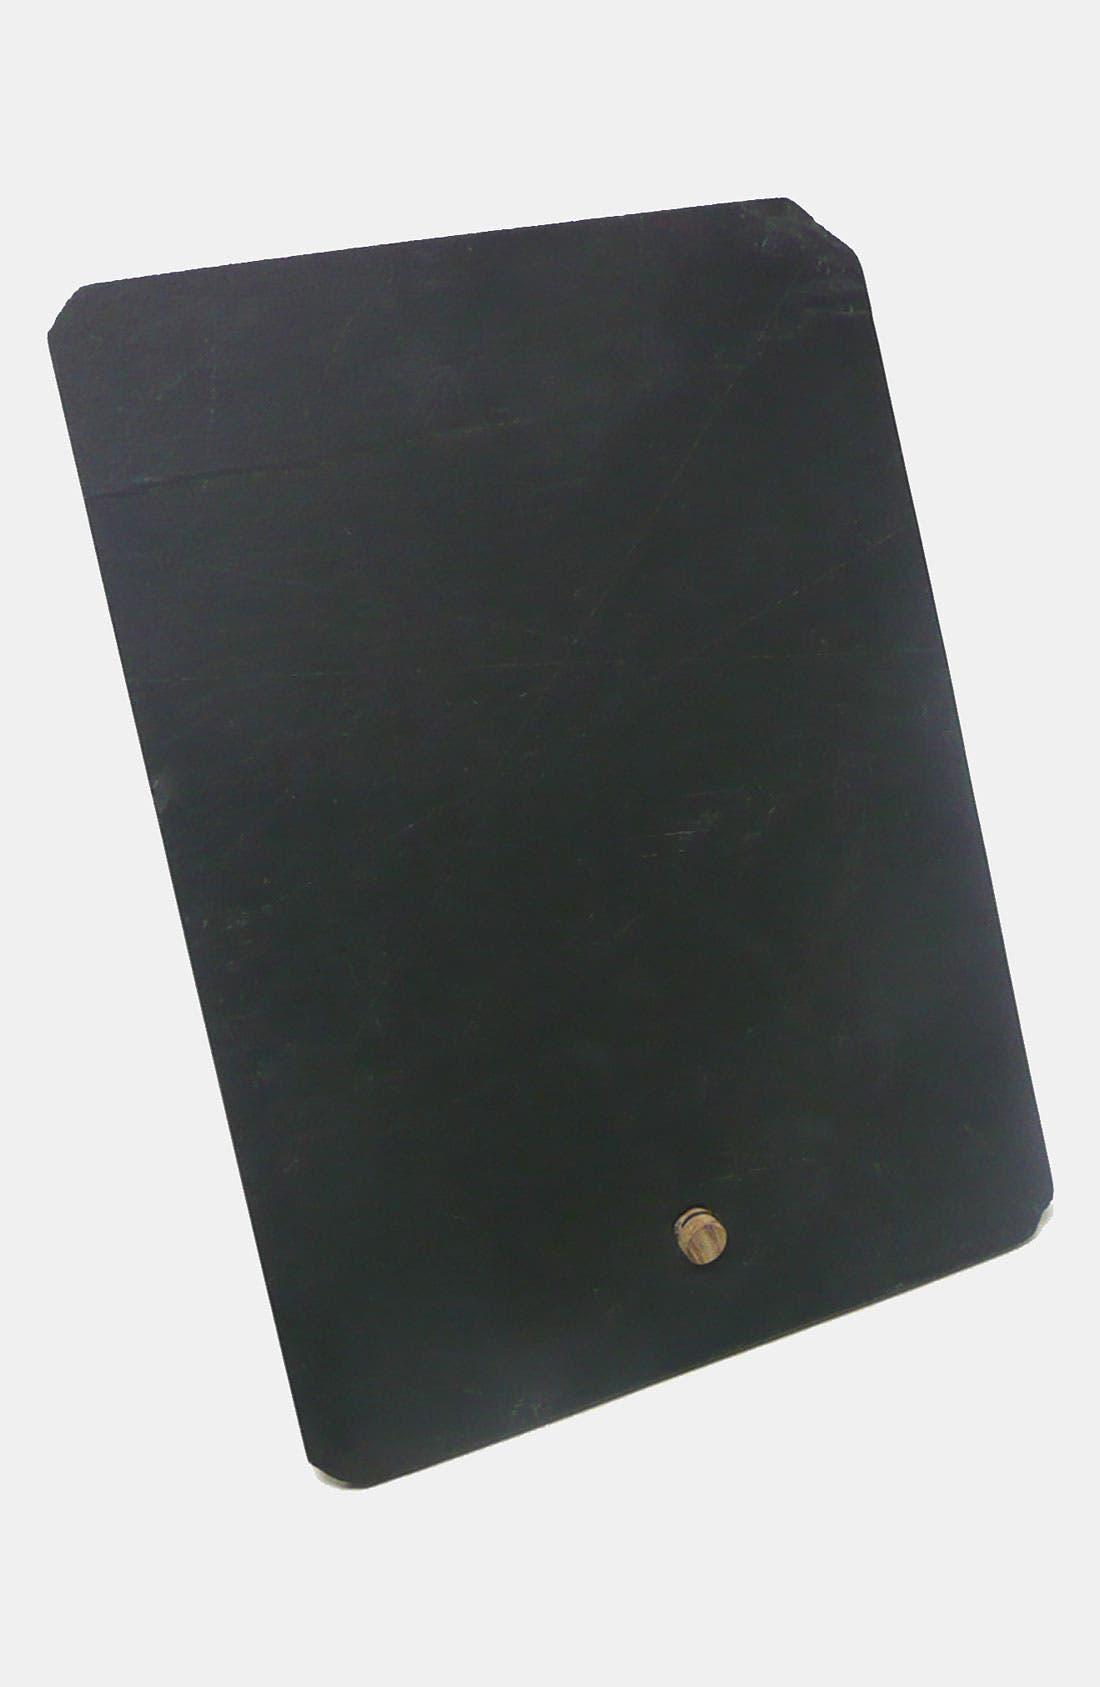 Main Image - Slate Menu Board